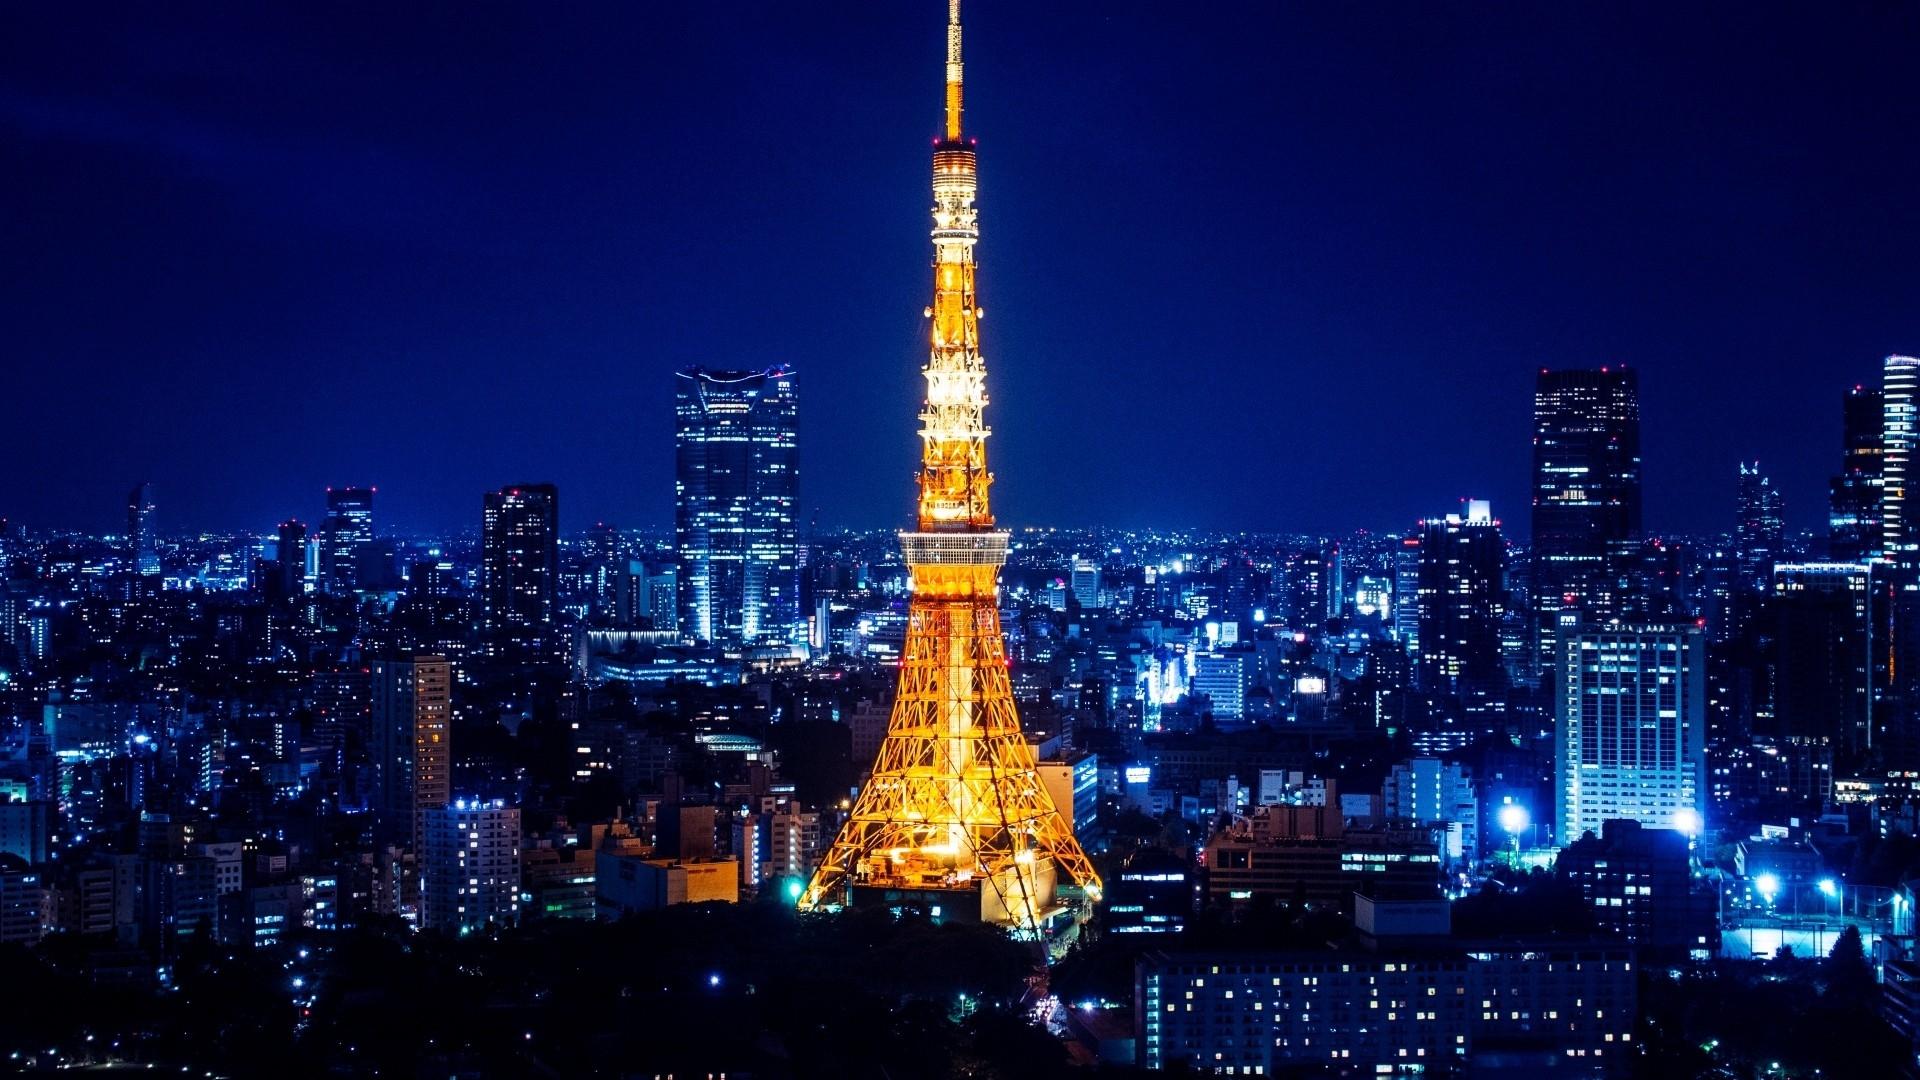 tokyo_japan_light_night_66227_1920x1080.jpg